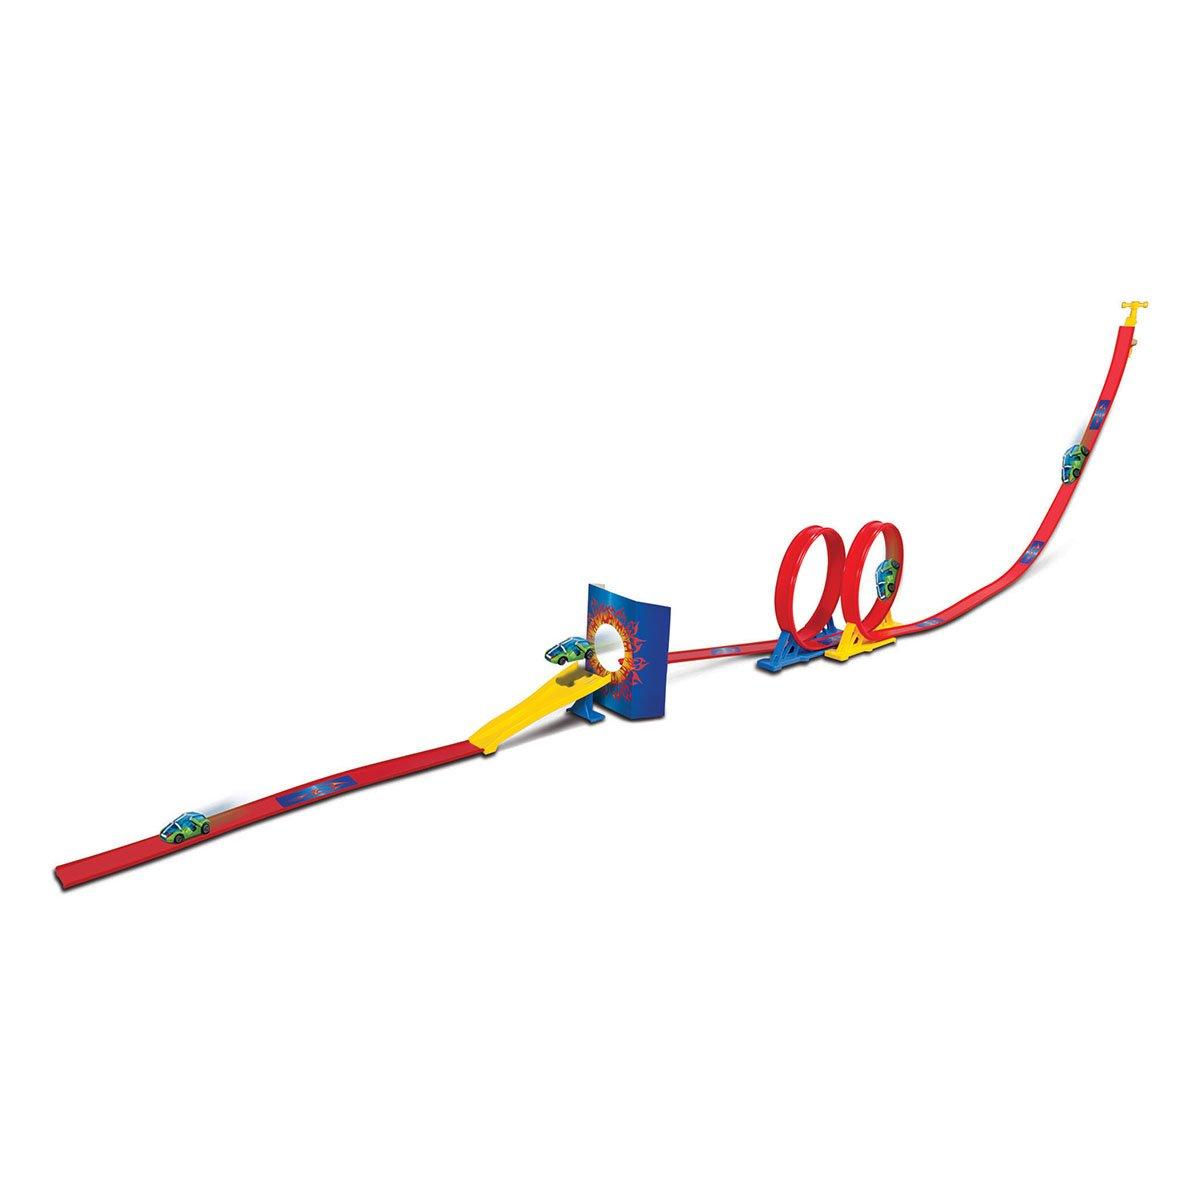 Set de joaca cu masinuta Maisto Fresh Metal, Double Loop imagine